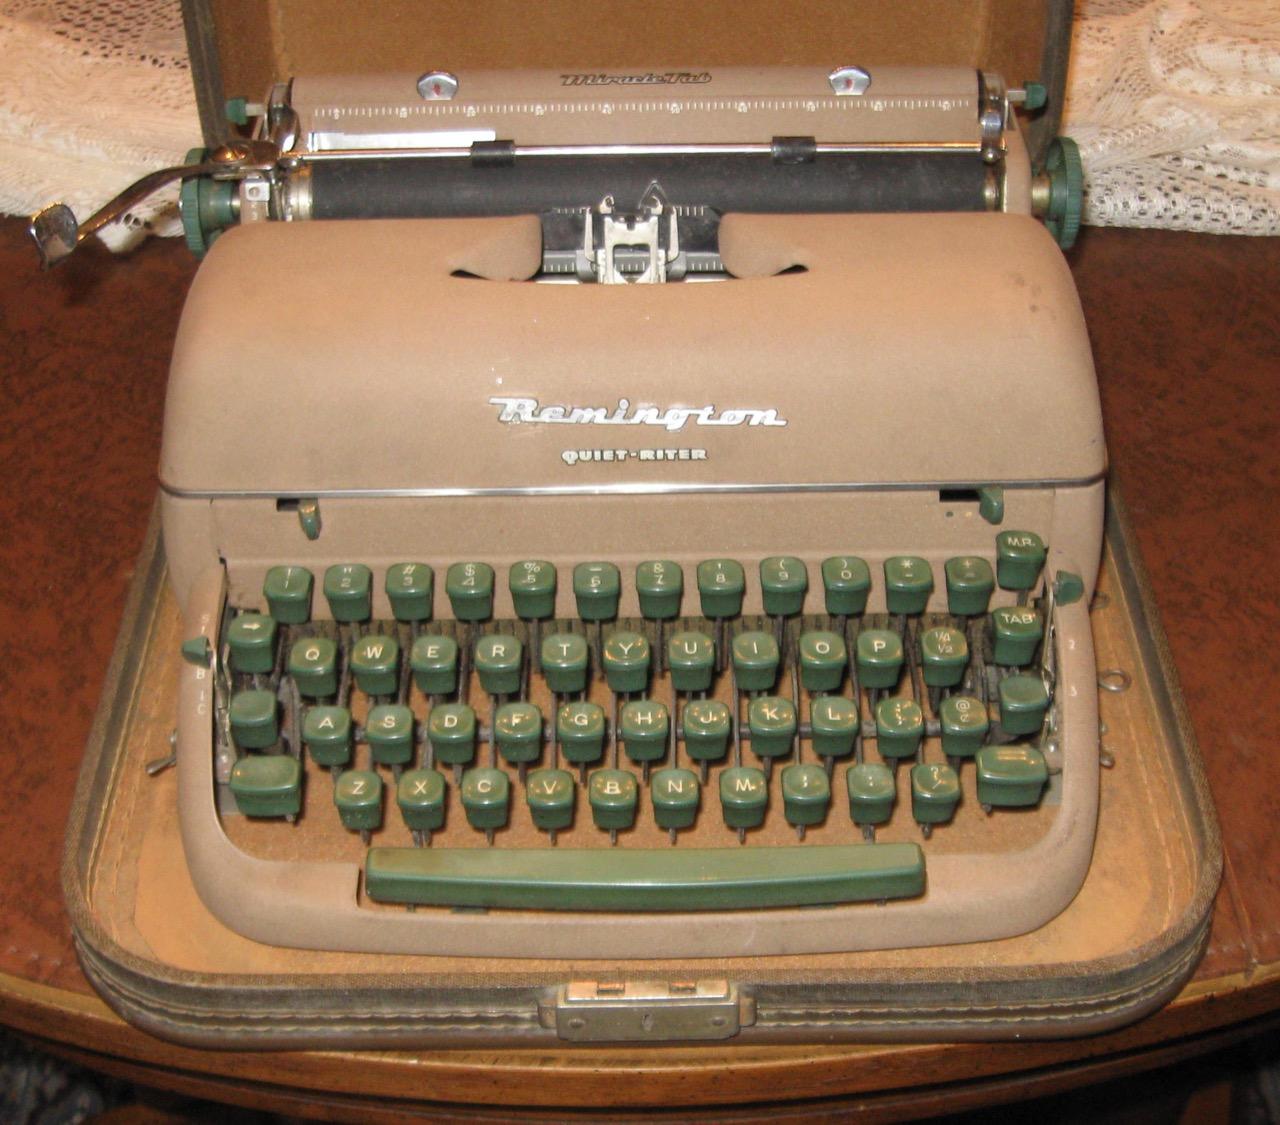 Repairing a 1957 Remington Quiet-Riter typewriter | What Da Bump